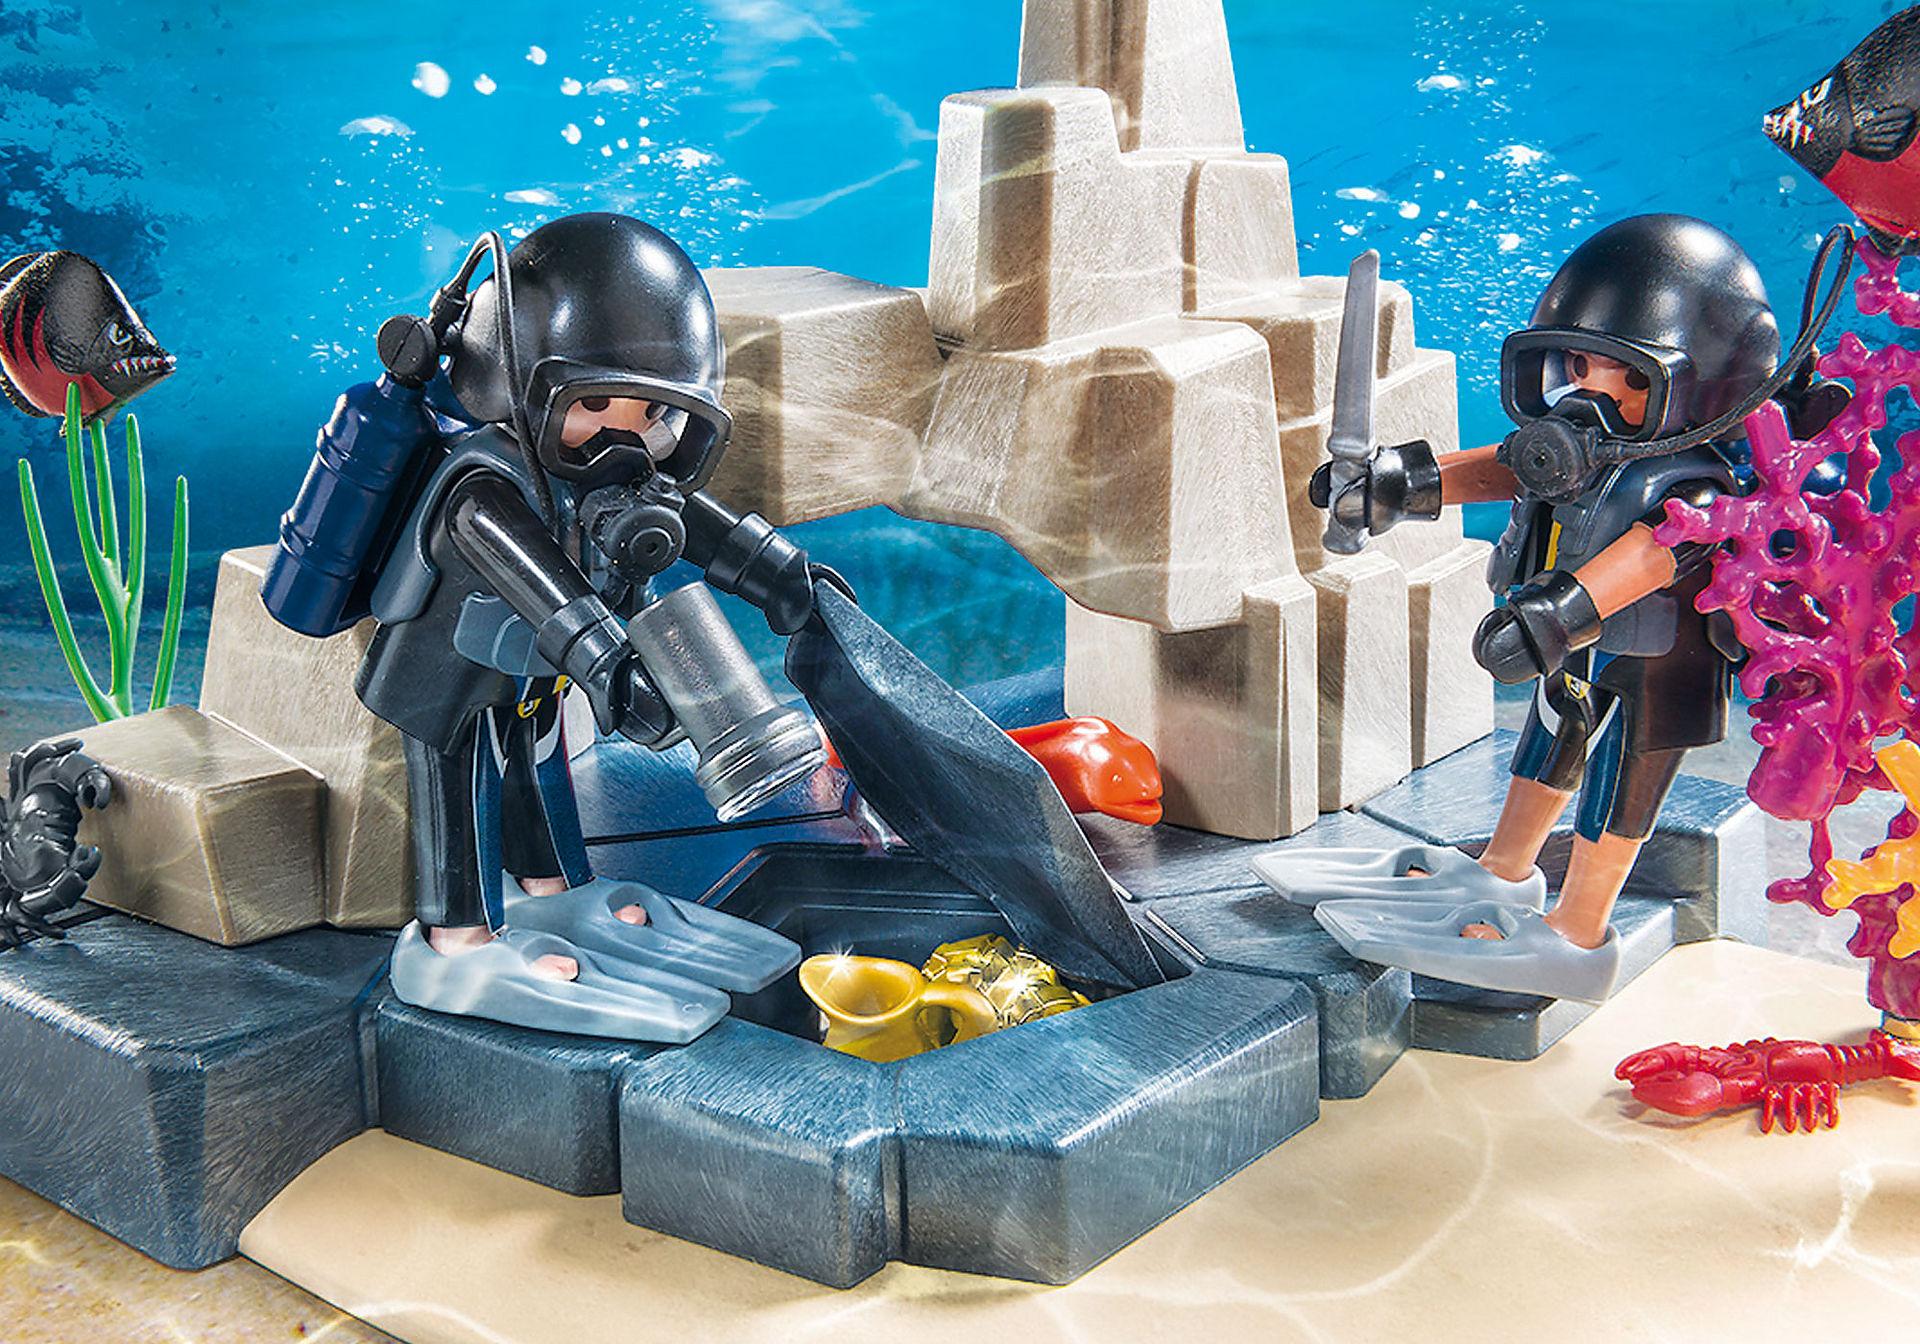 70011 SuperSet Unité de plongée sous-marine zoom image4